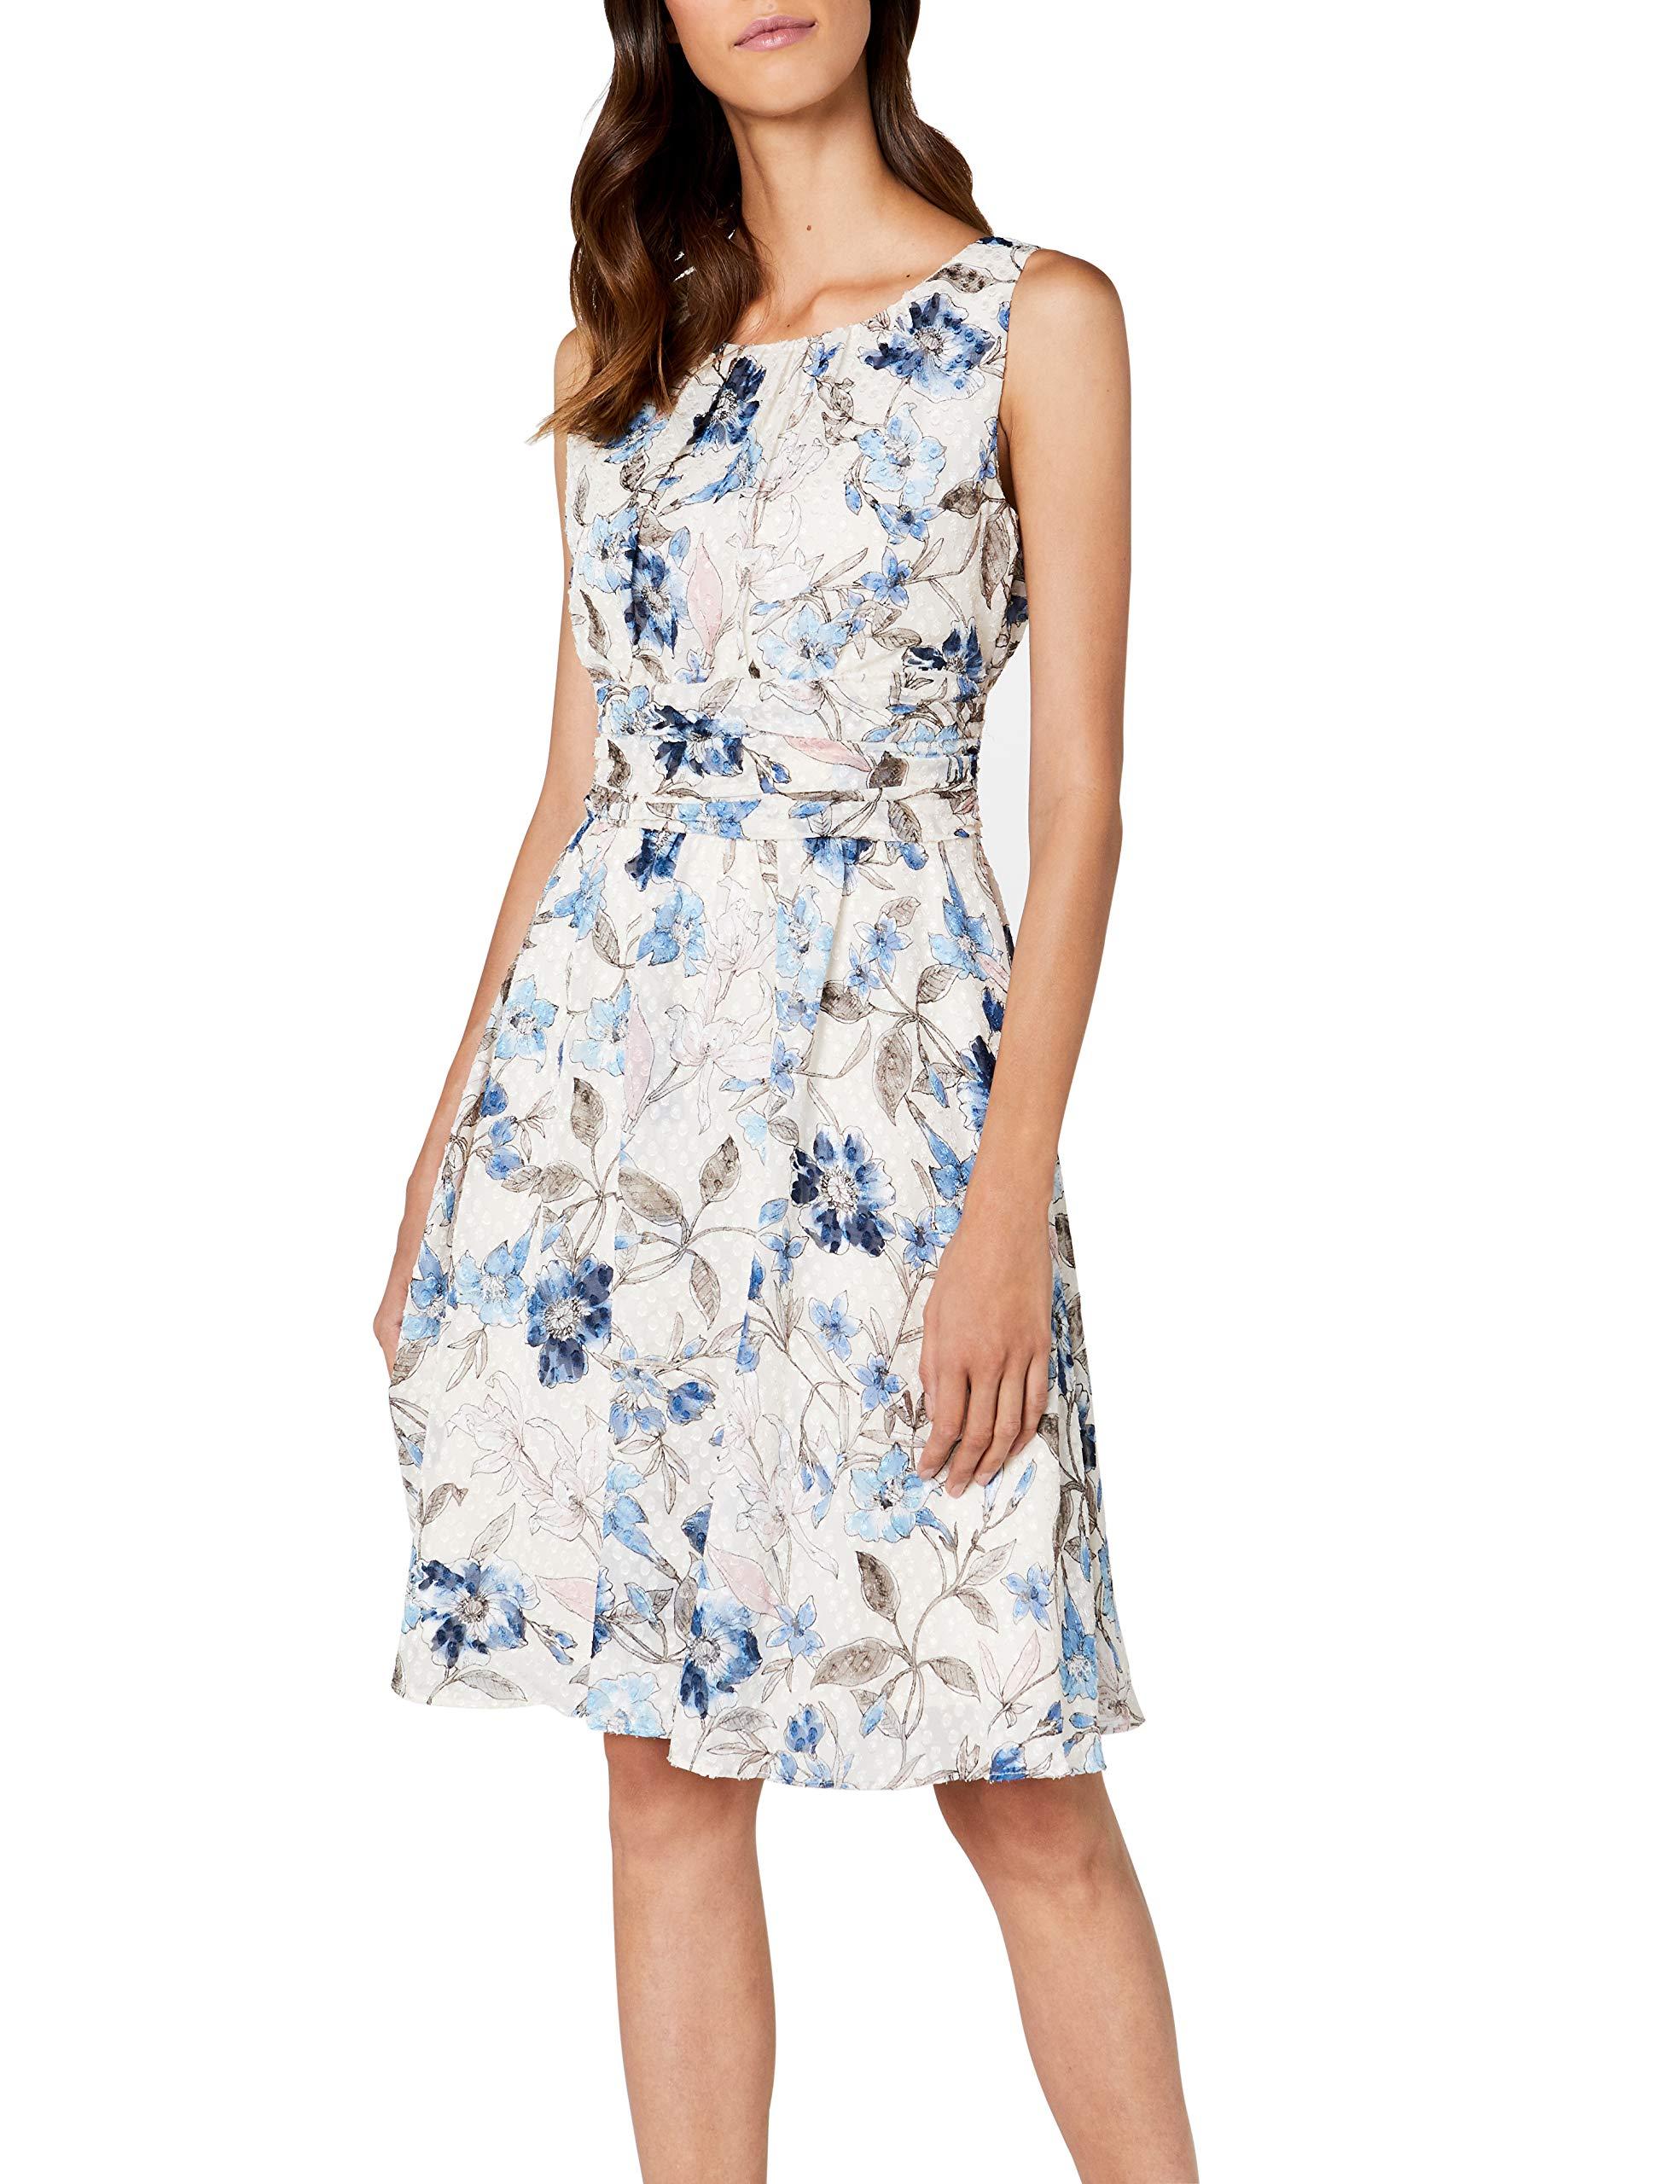 65b8a703ec5e ESPRIT Collection 038eo1e024, Vestito Elegante Donna, Bianco (off ...